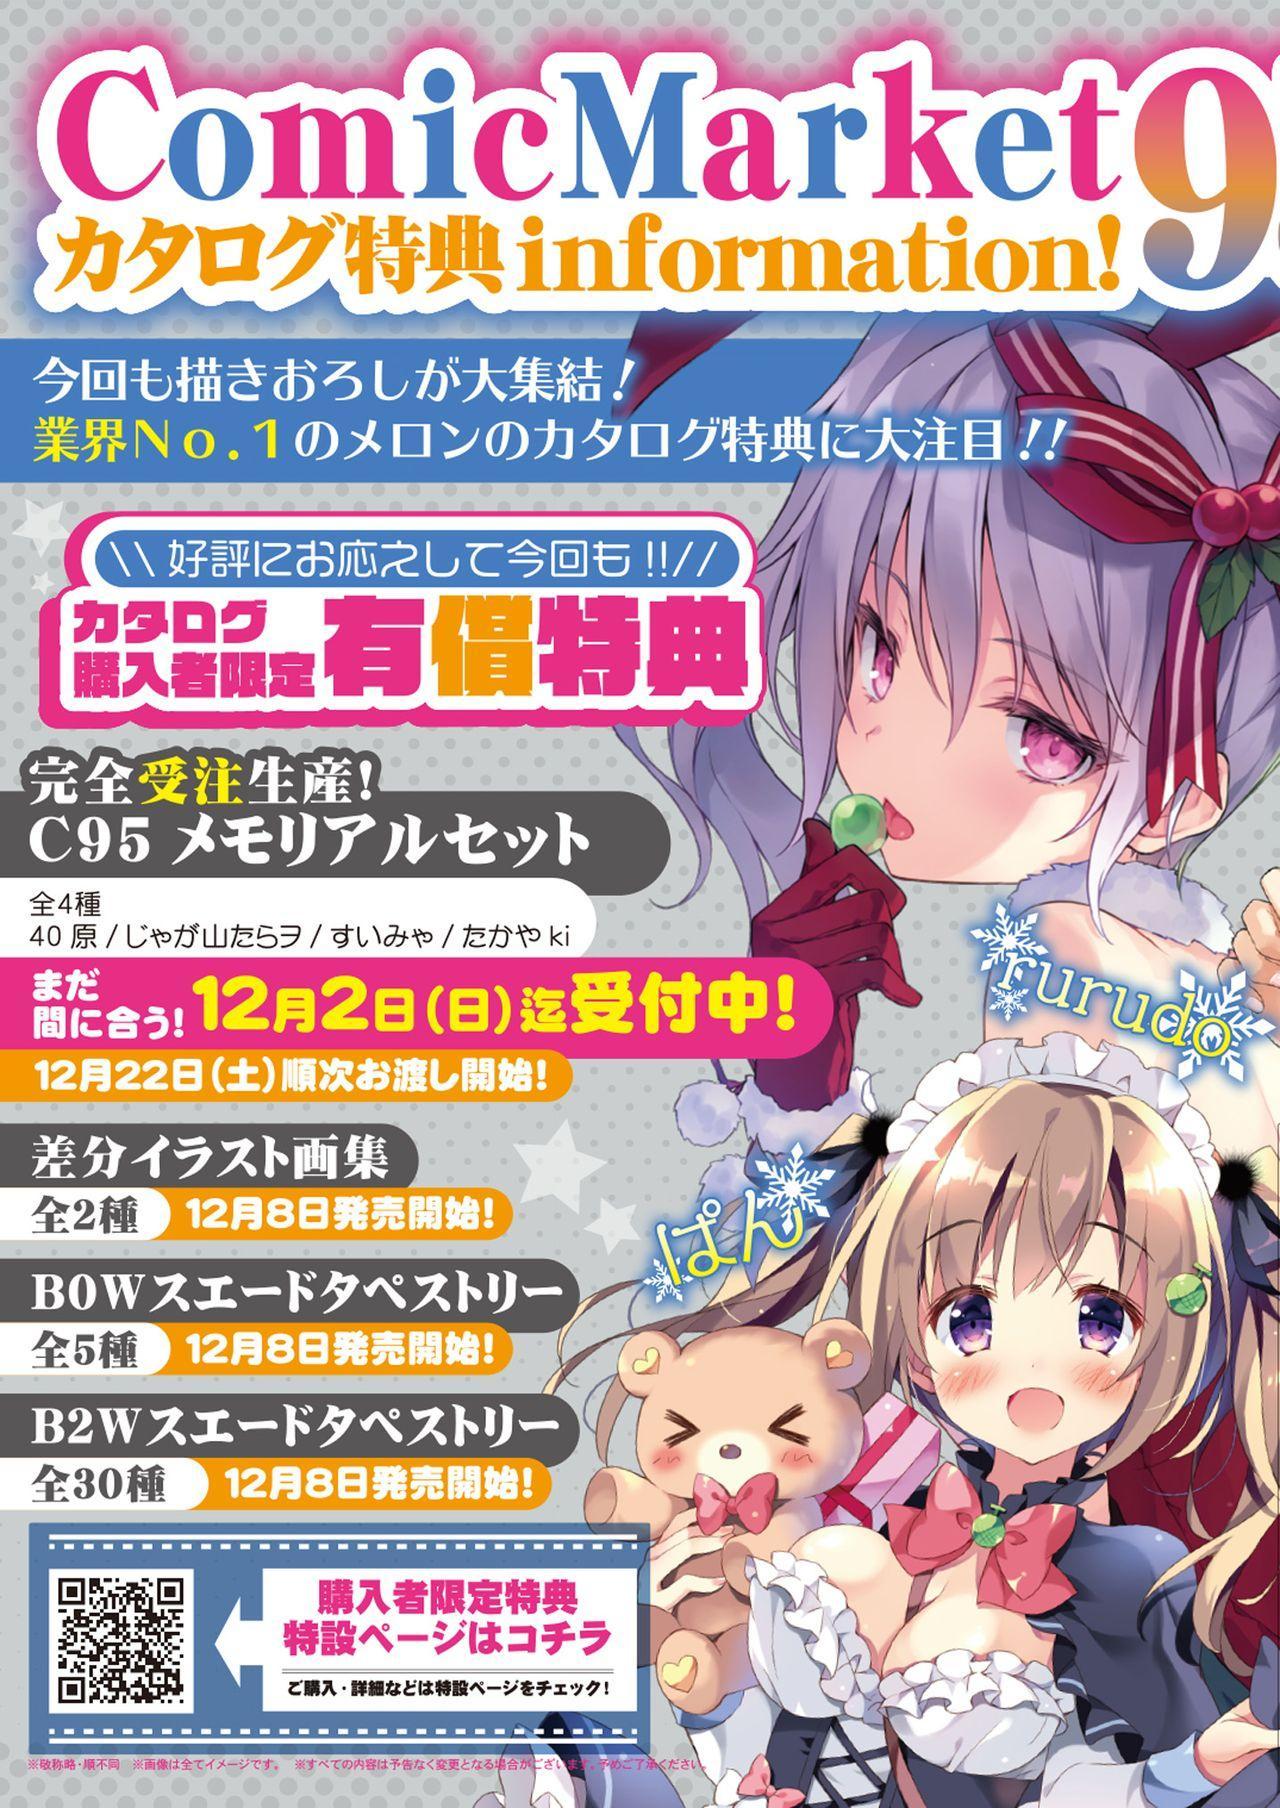 月刊うりぼうざっか店 2018年11月25日発行号 3